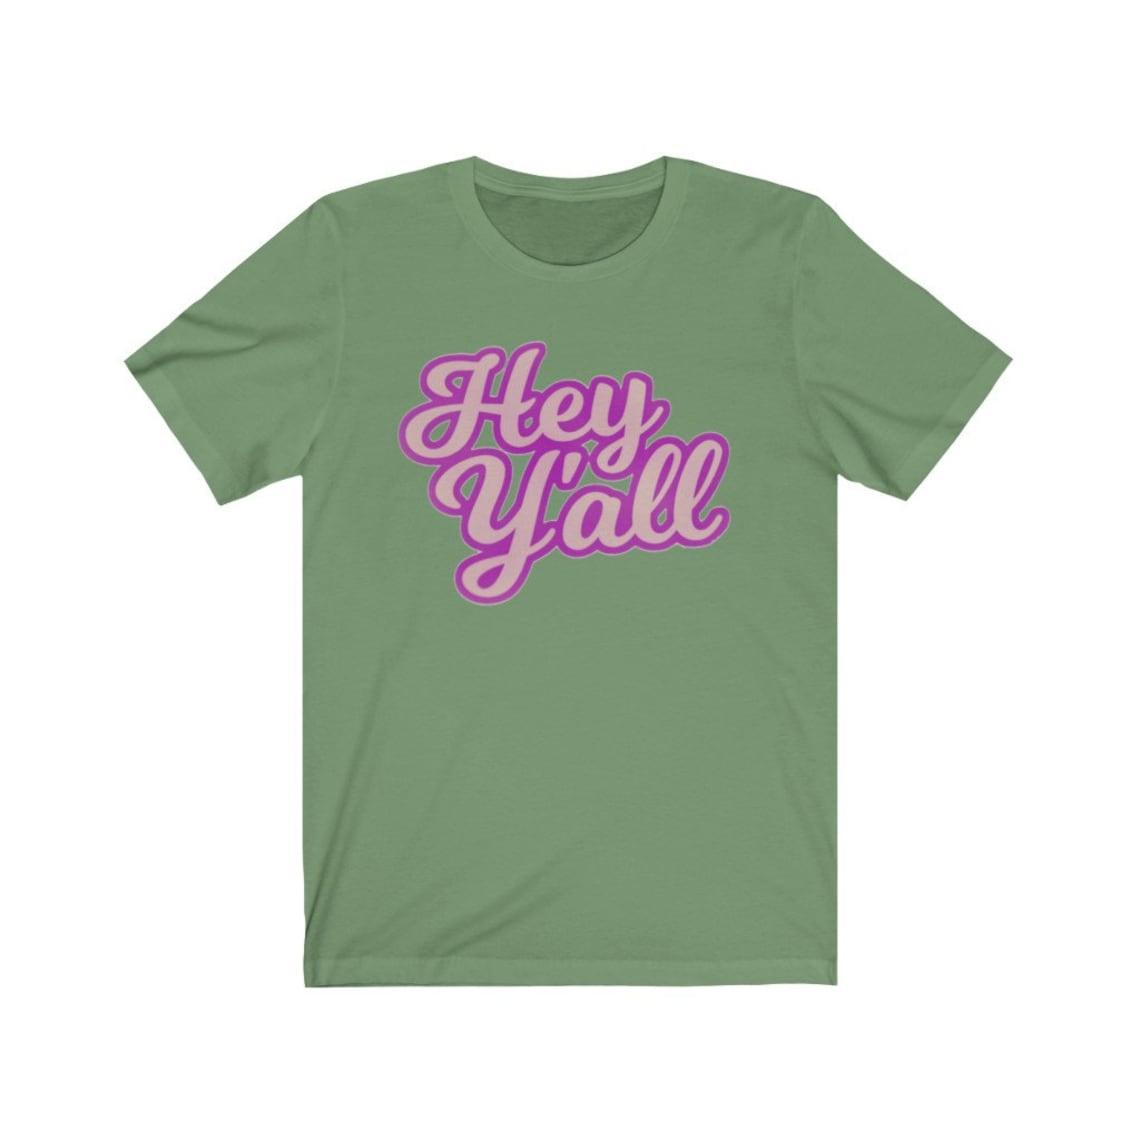 Hey Yall T-Shirt süße südliche T-shirt südliche Sprüche